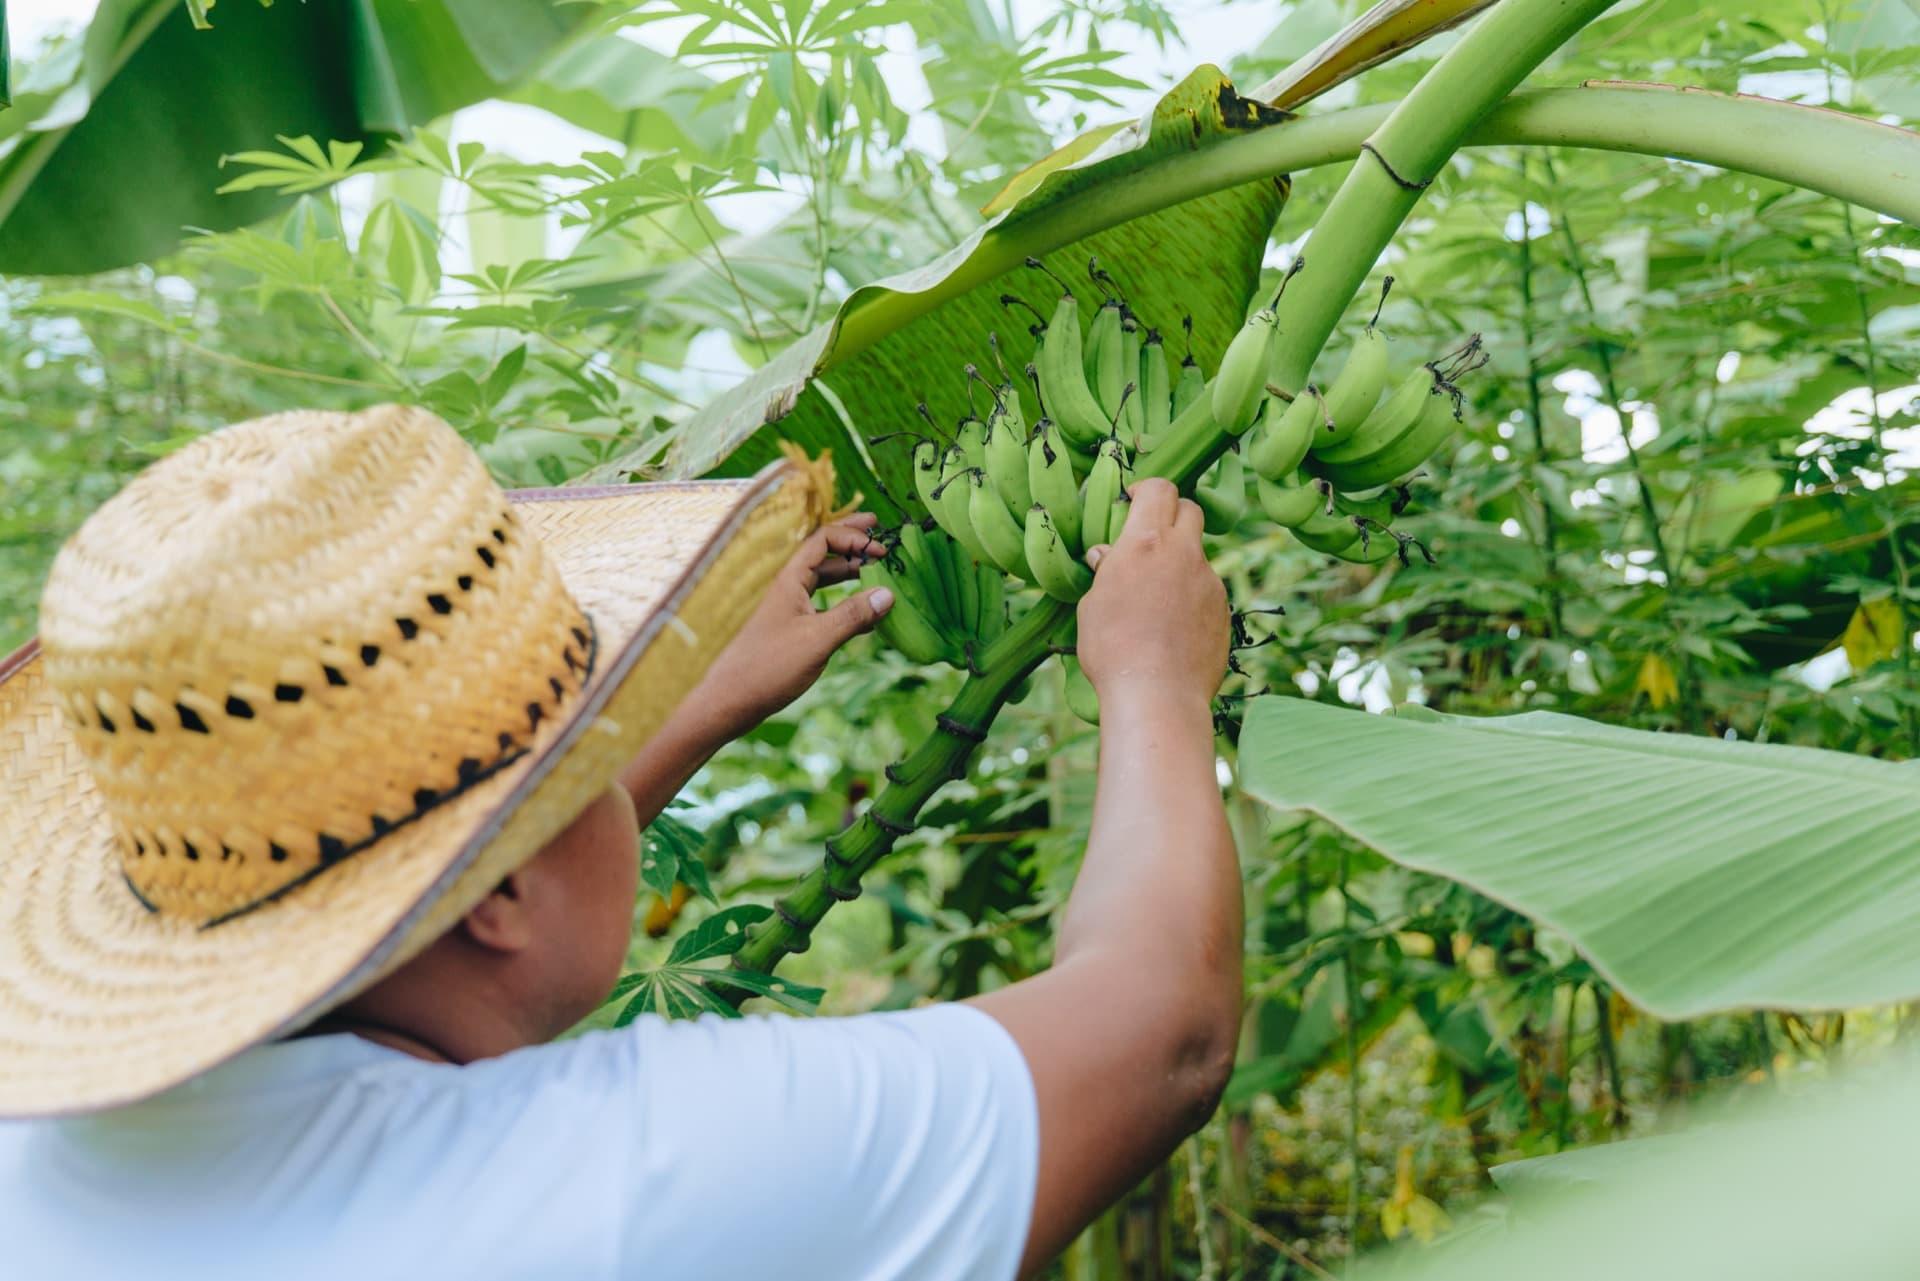 A fruta produzida gera segurança alimentar e apoio económico